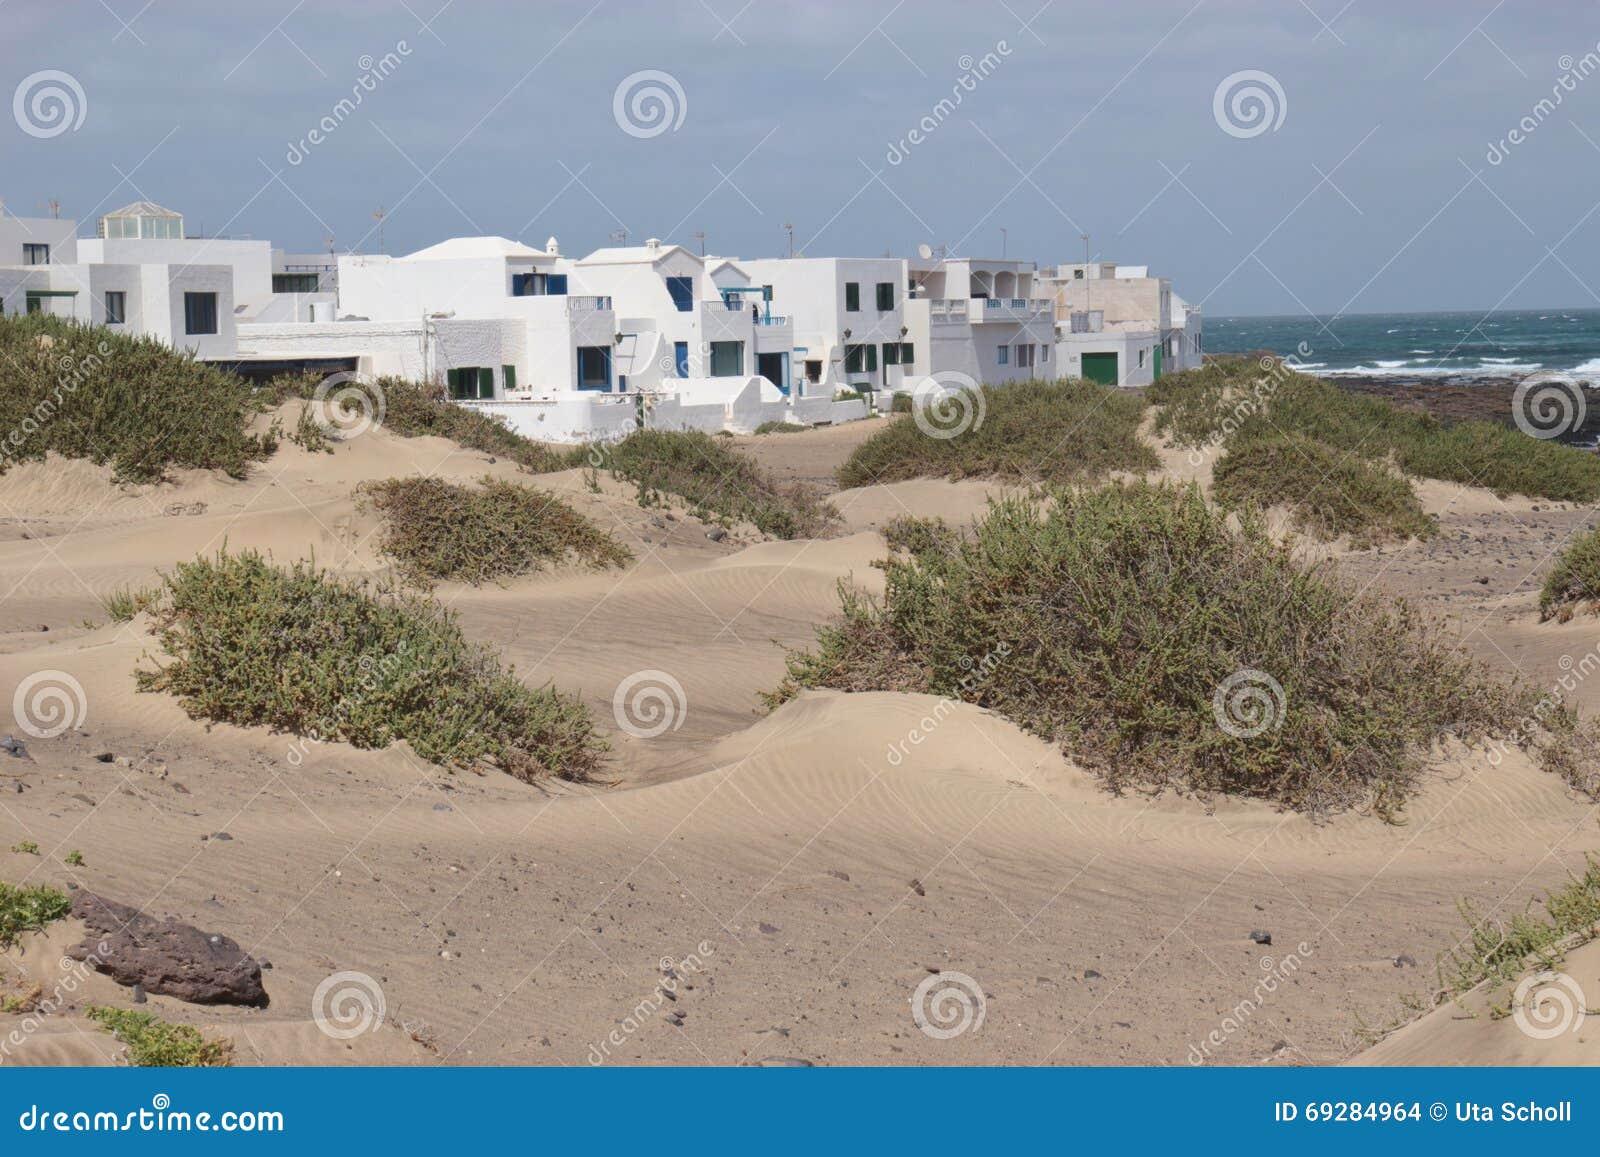 Το χωριό Caleta de Famara σε Lanzarote, Κανάρια νησιά, Ισπανία